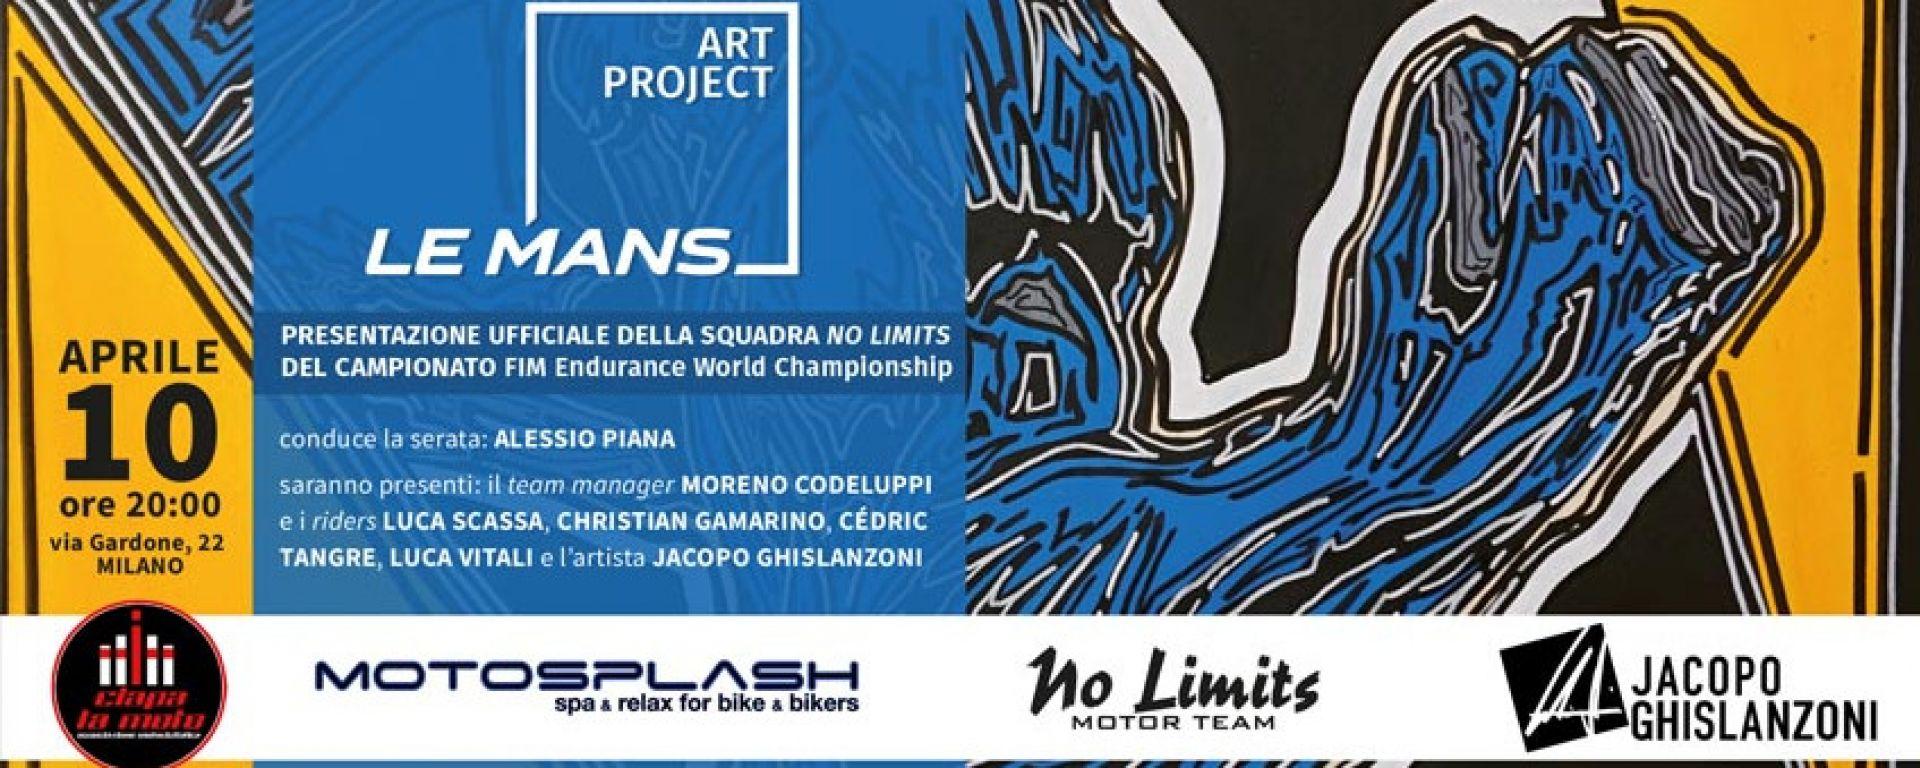 Ciapa La Moto invita alla serata Le Mans art project